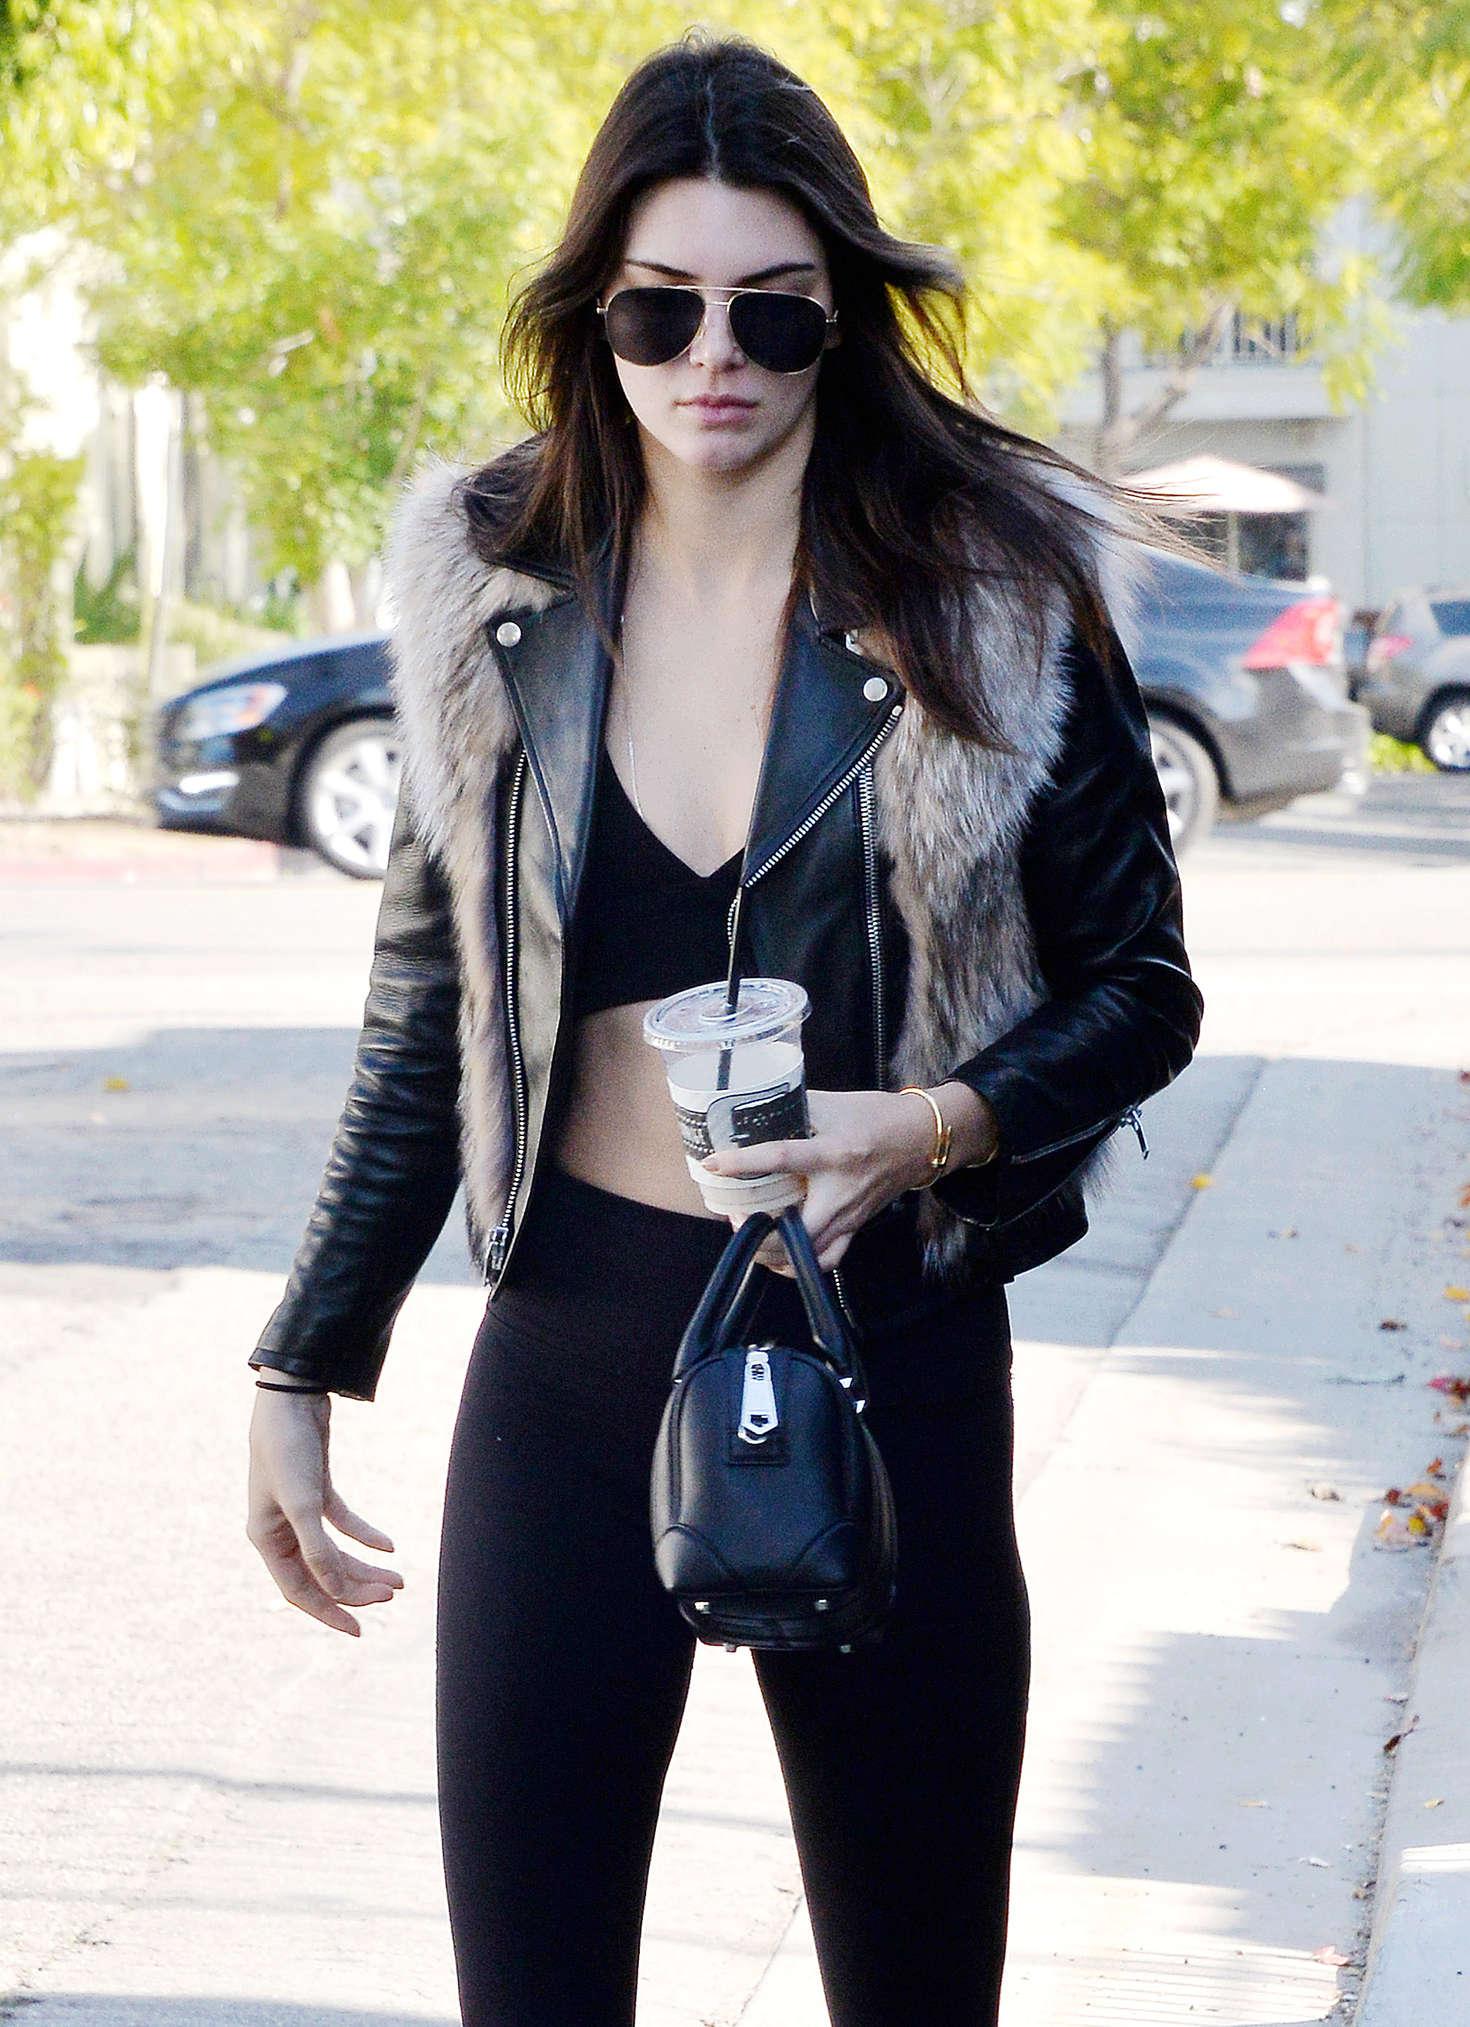 Kendall Jenner 2016 : Kendall Jenner in Leggings -66